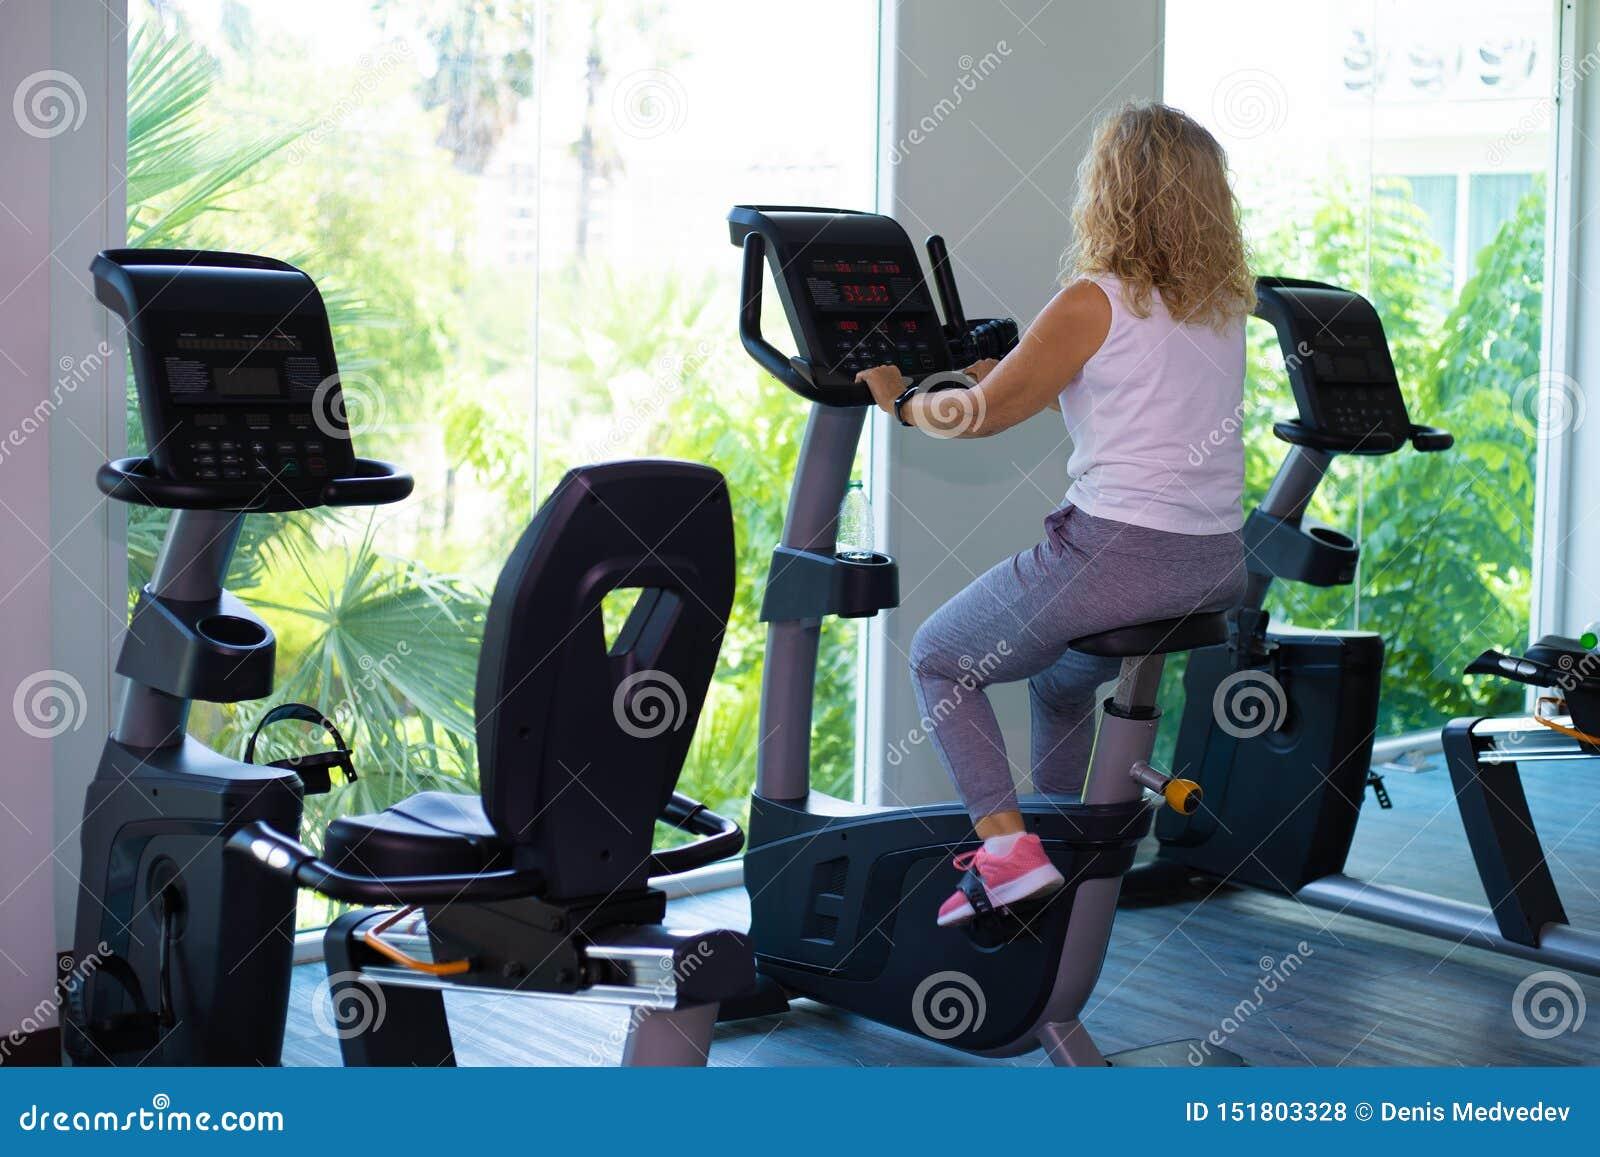 Девушка в черной носке спорта энергично работает на велотренажере